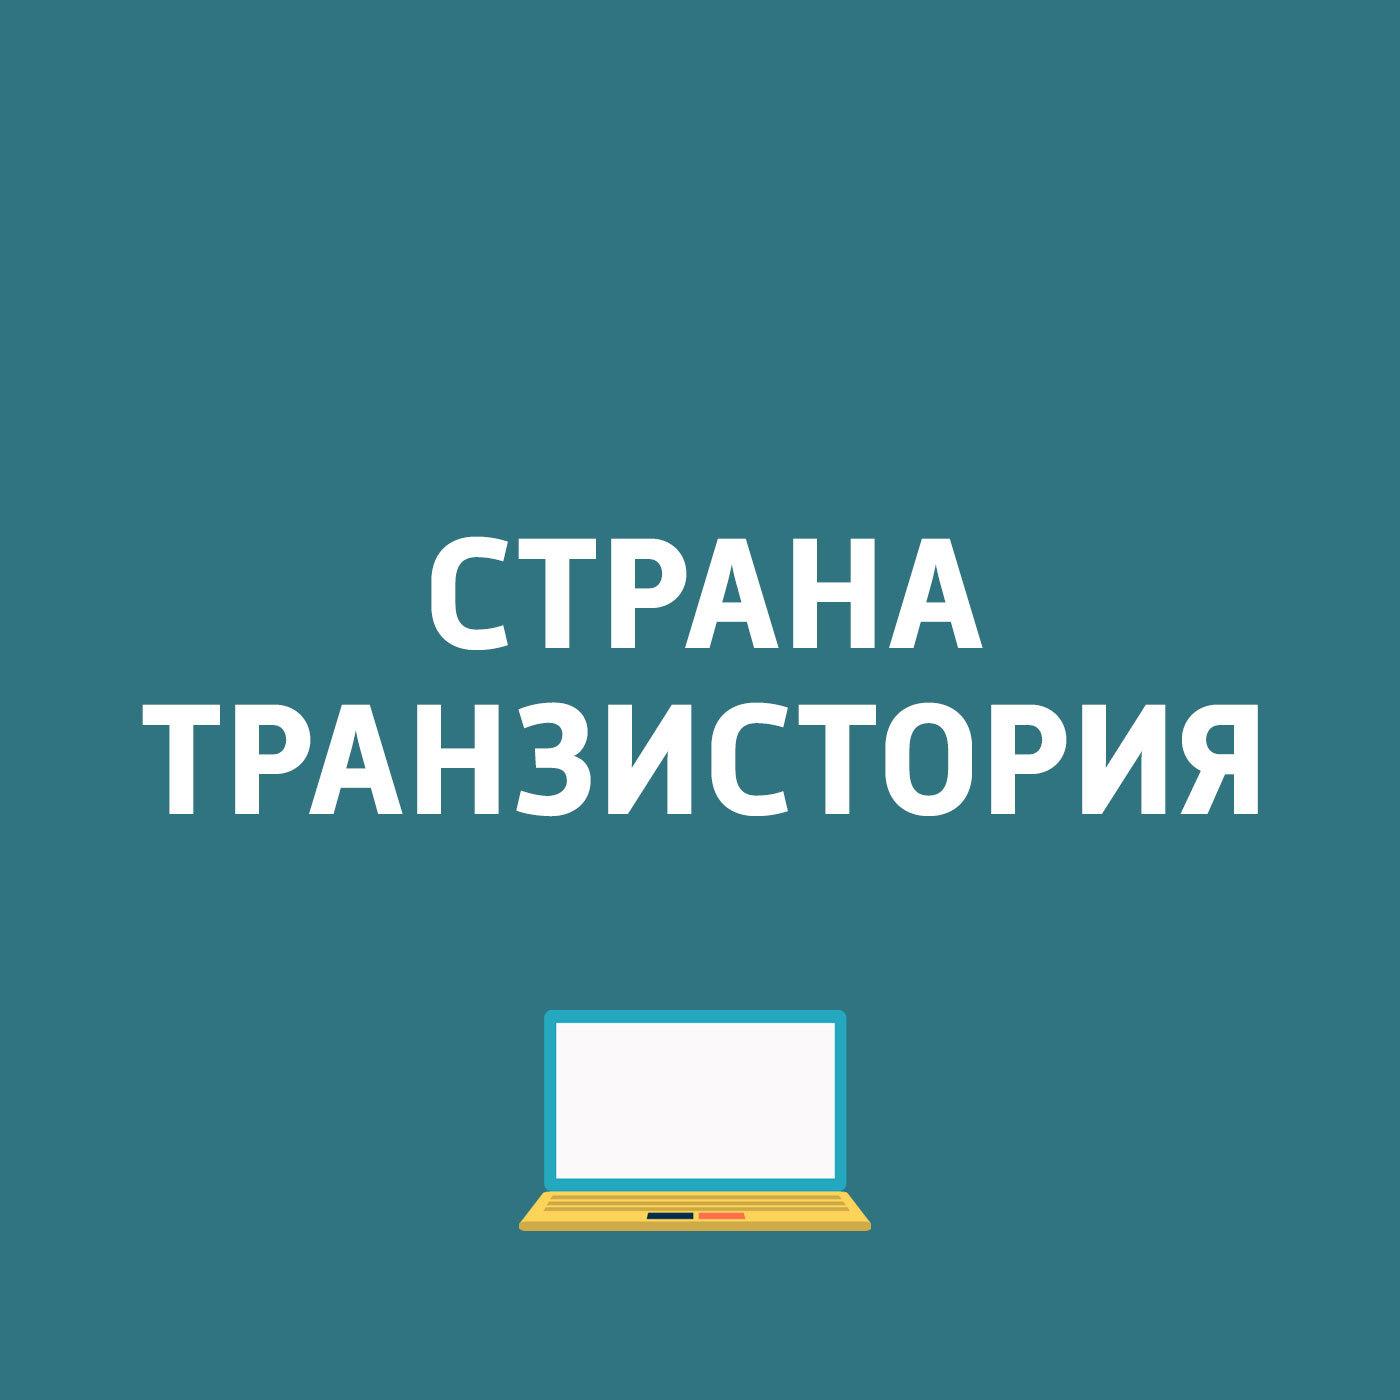 Картаев Павел Moto E4 и Moto E4 Plus; «Яндекс.Навигатор» научился показывать свободные места на парковках... sony ps4 dishonored death of the outsider [русская версия]